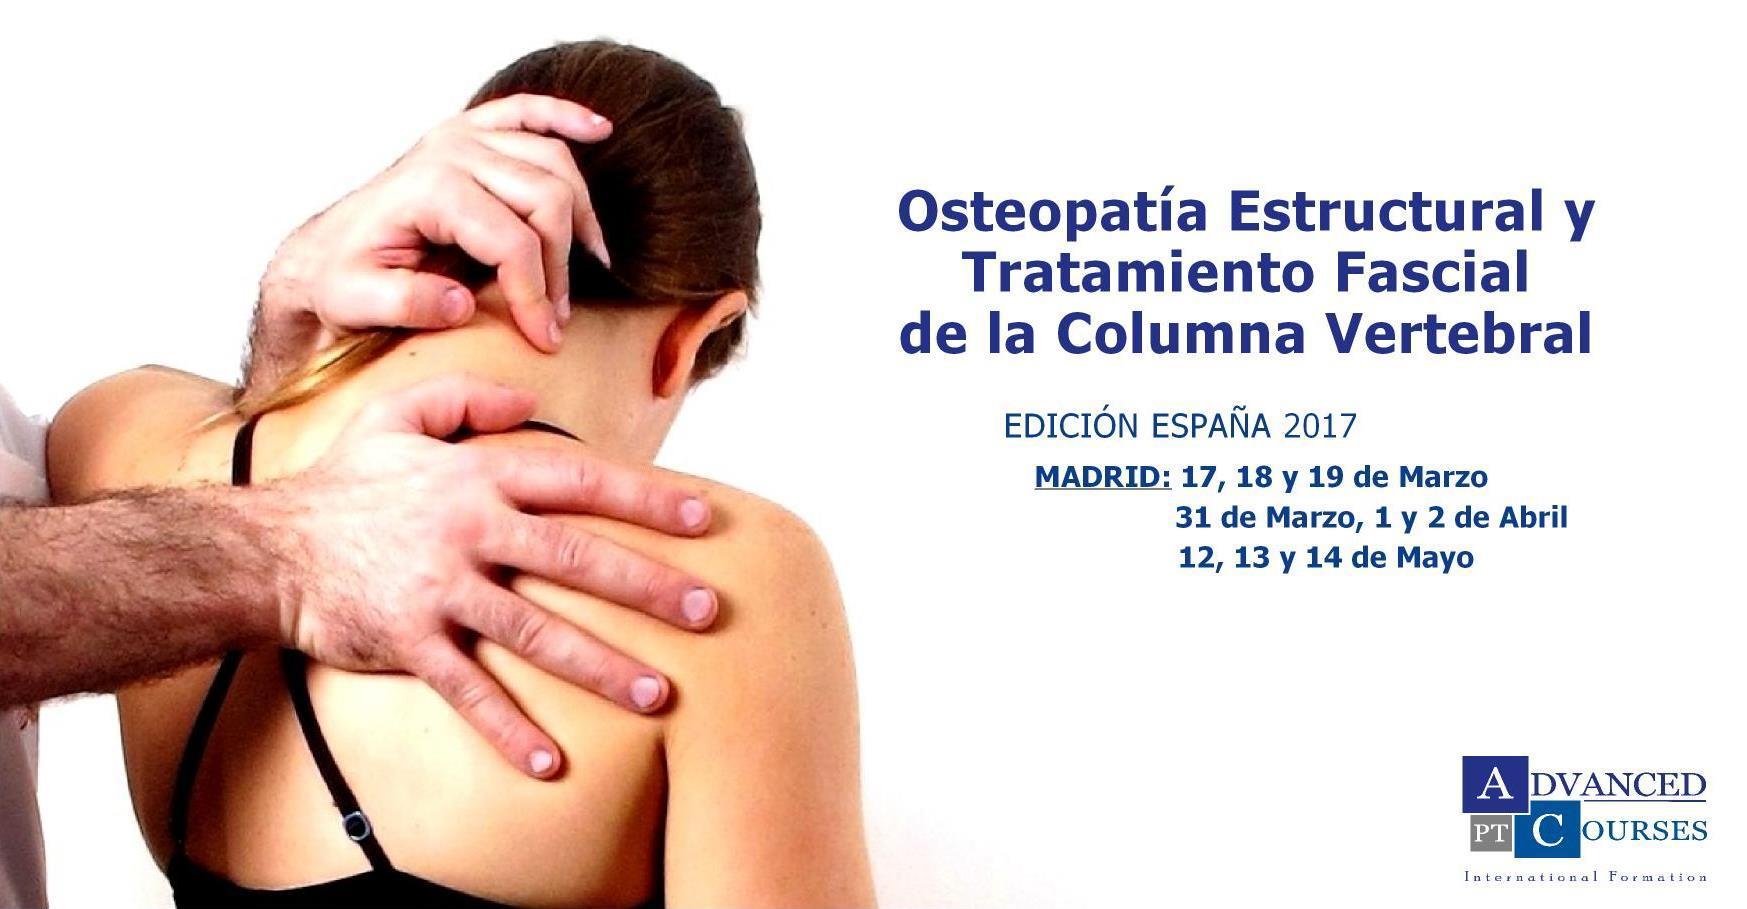 Osteopatía Estructural y Tratamiento Fascial de la Columna Vertebral